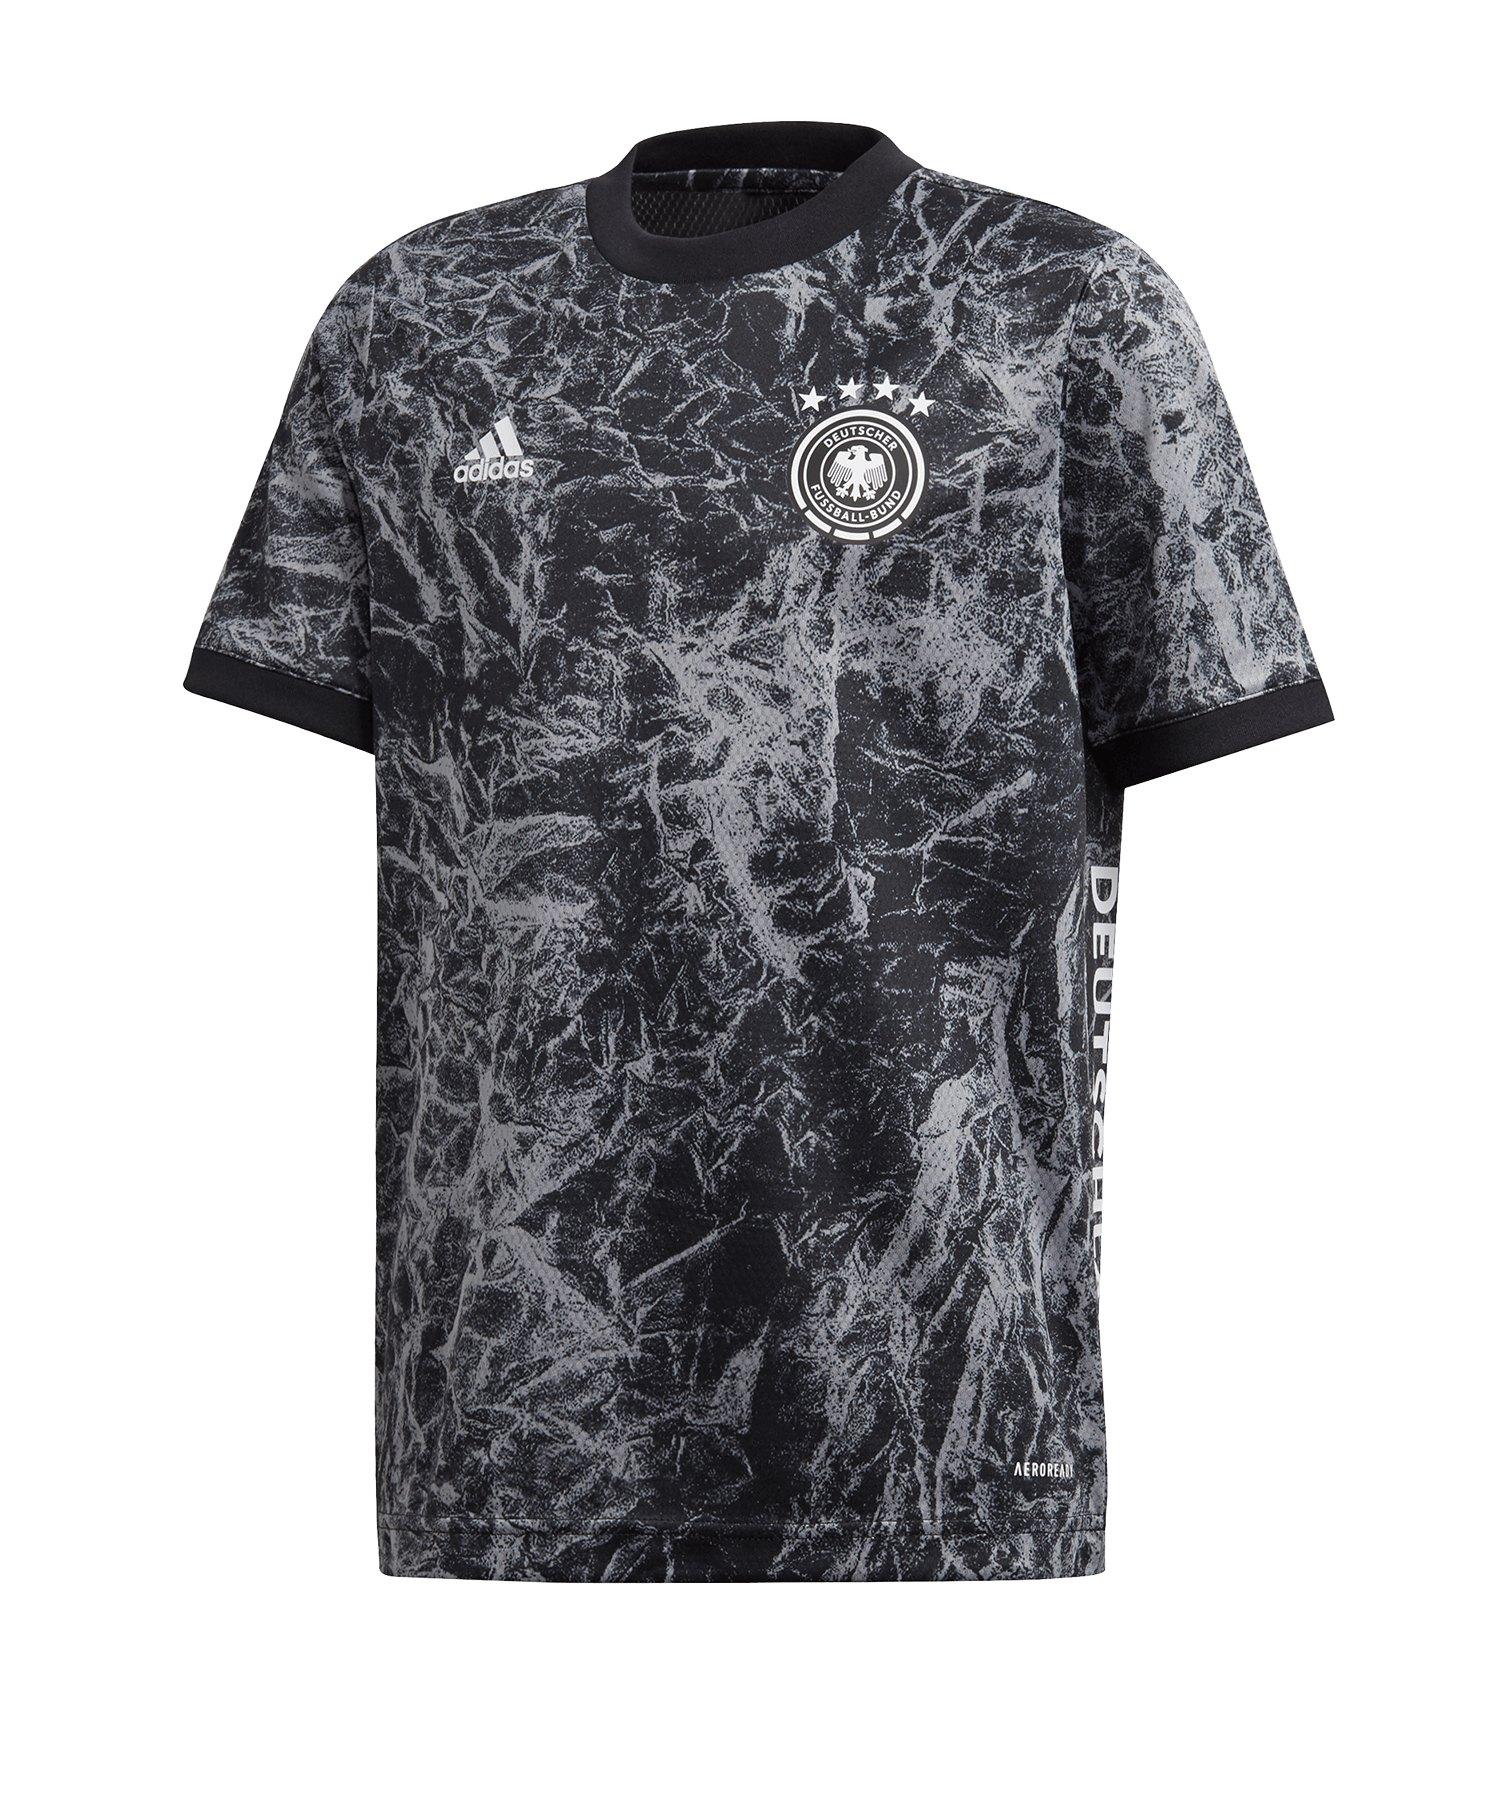 adidas DFB Deutschland Prematch Shirt EM 2020 Kids Schwarz - schwarz